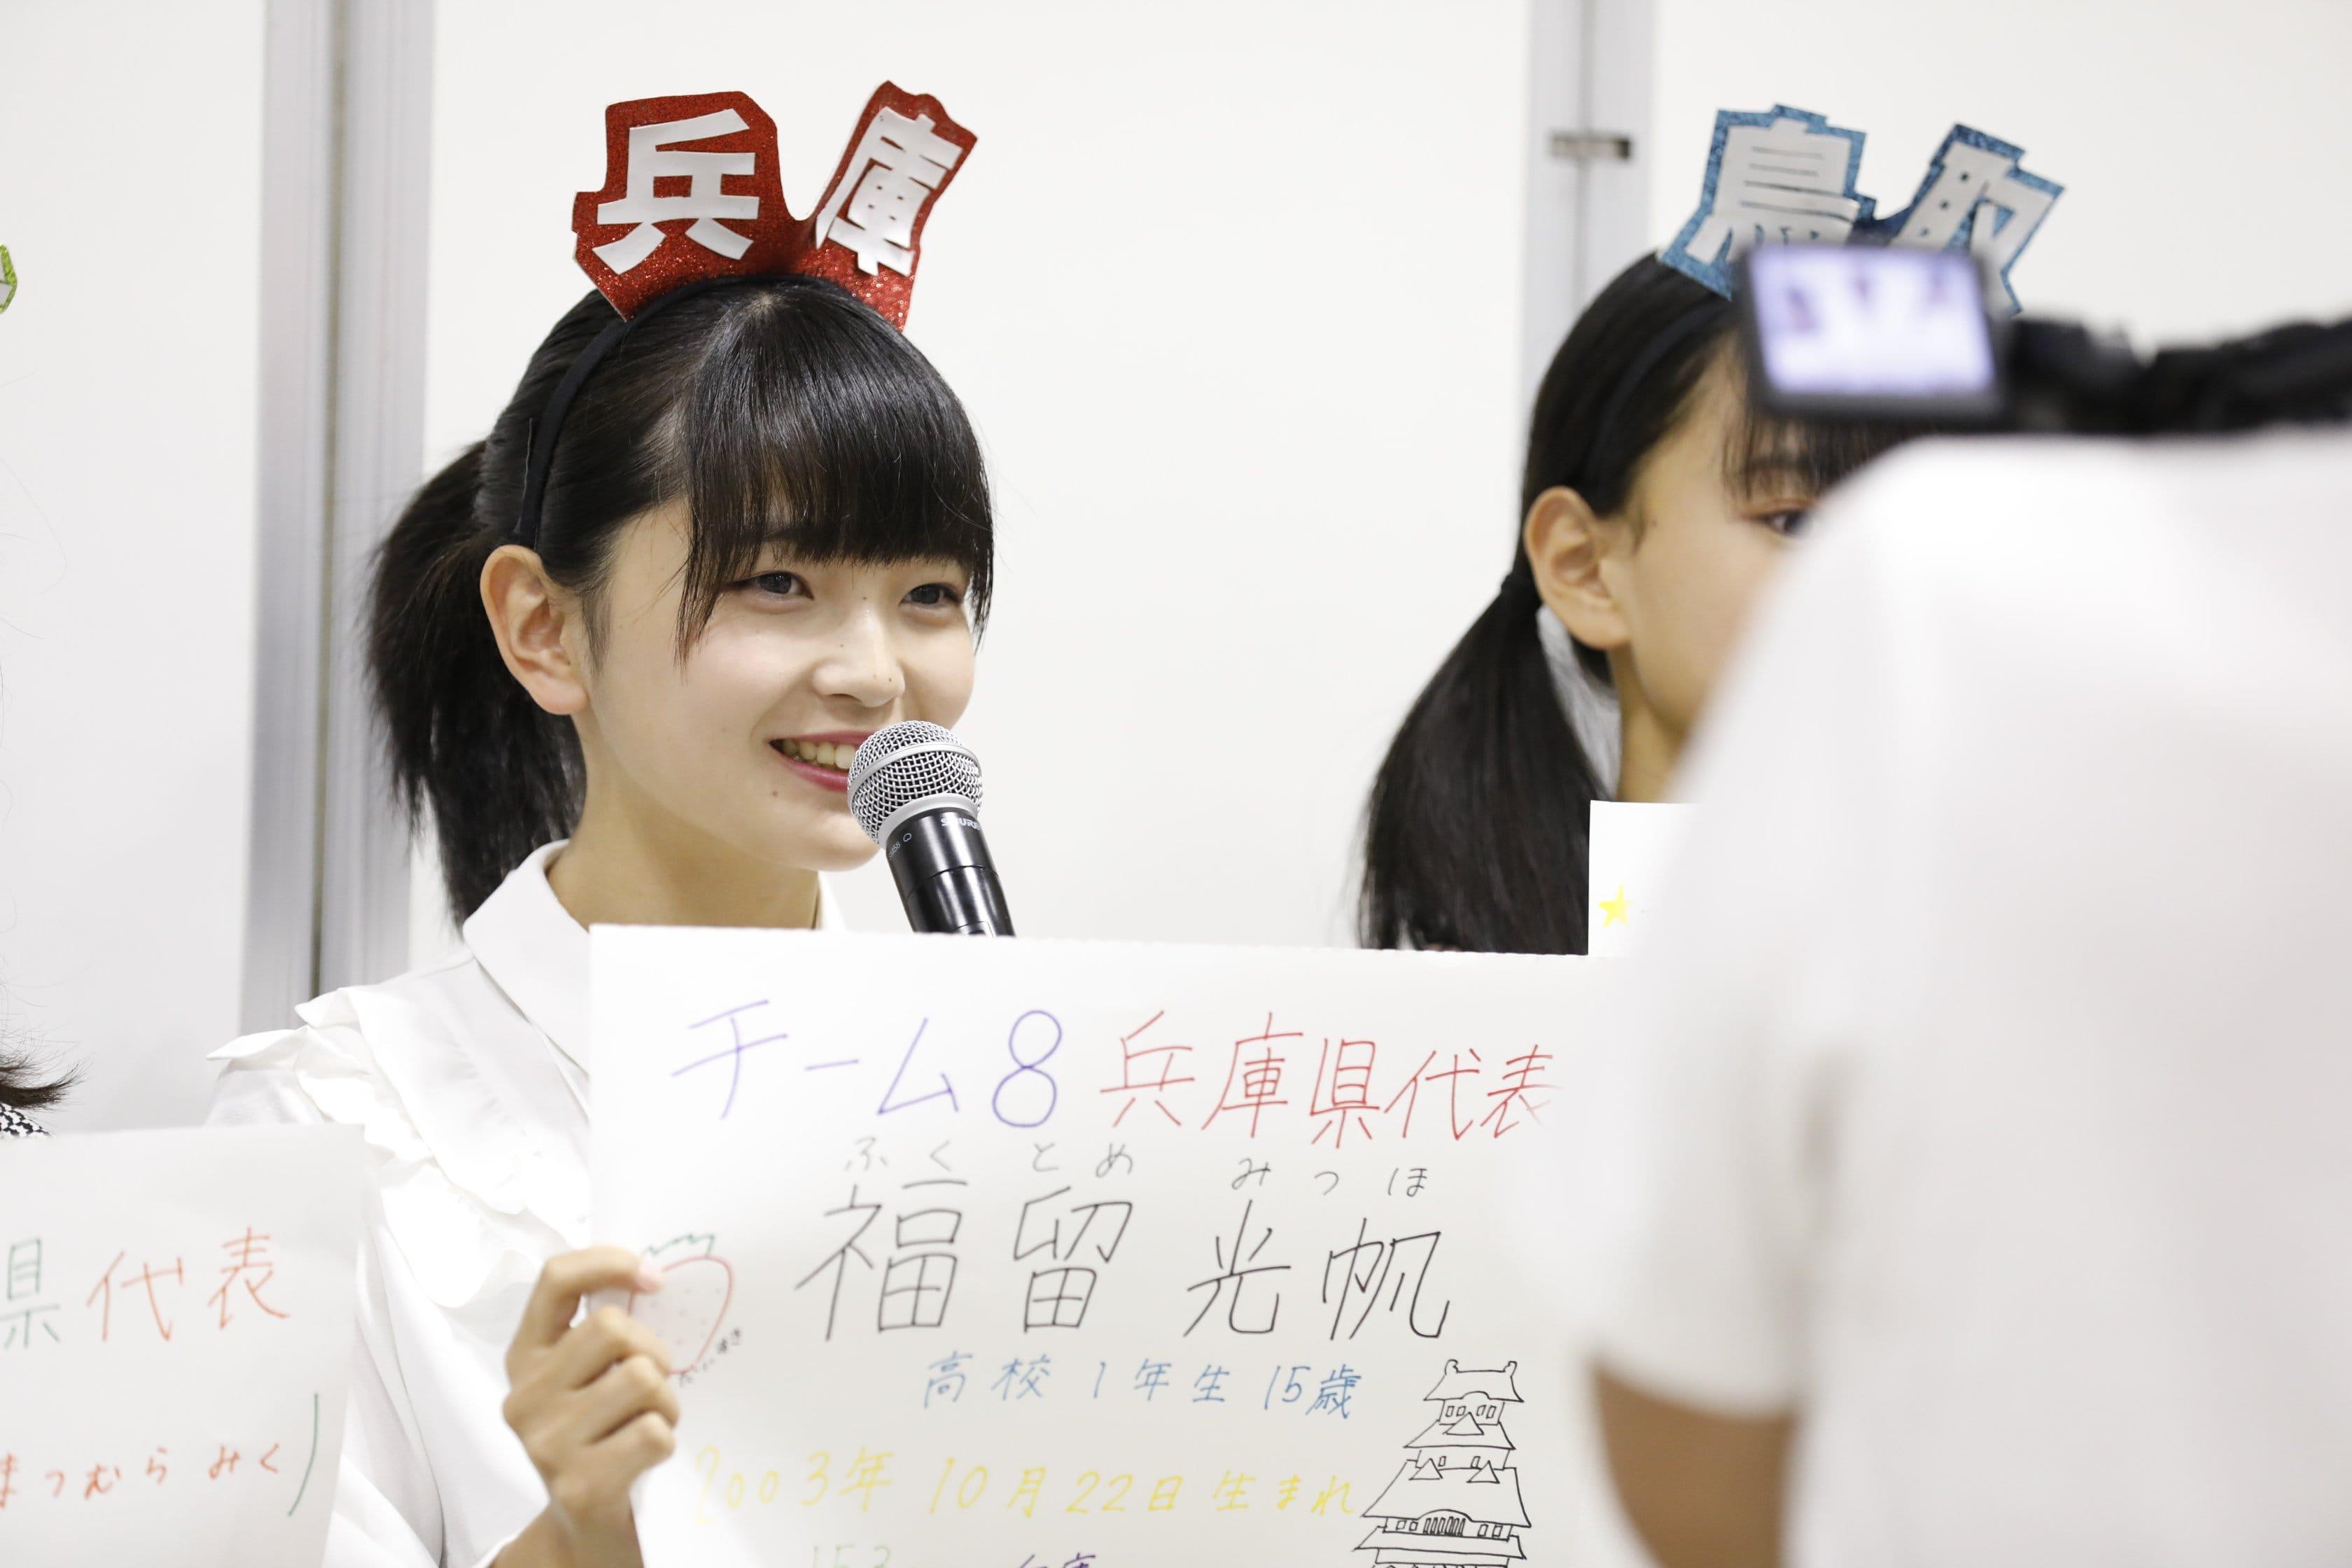 柏木由紀「お母さんと思ってほしい」AKB48チーム8新メンバー10名が握手会に初参加!【写真8枚】の画像001